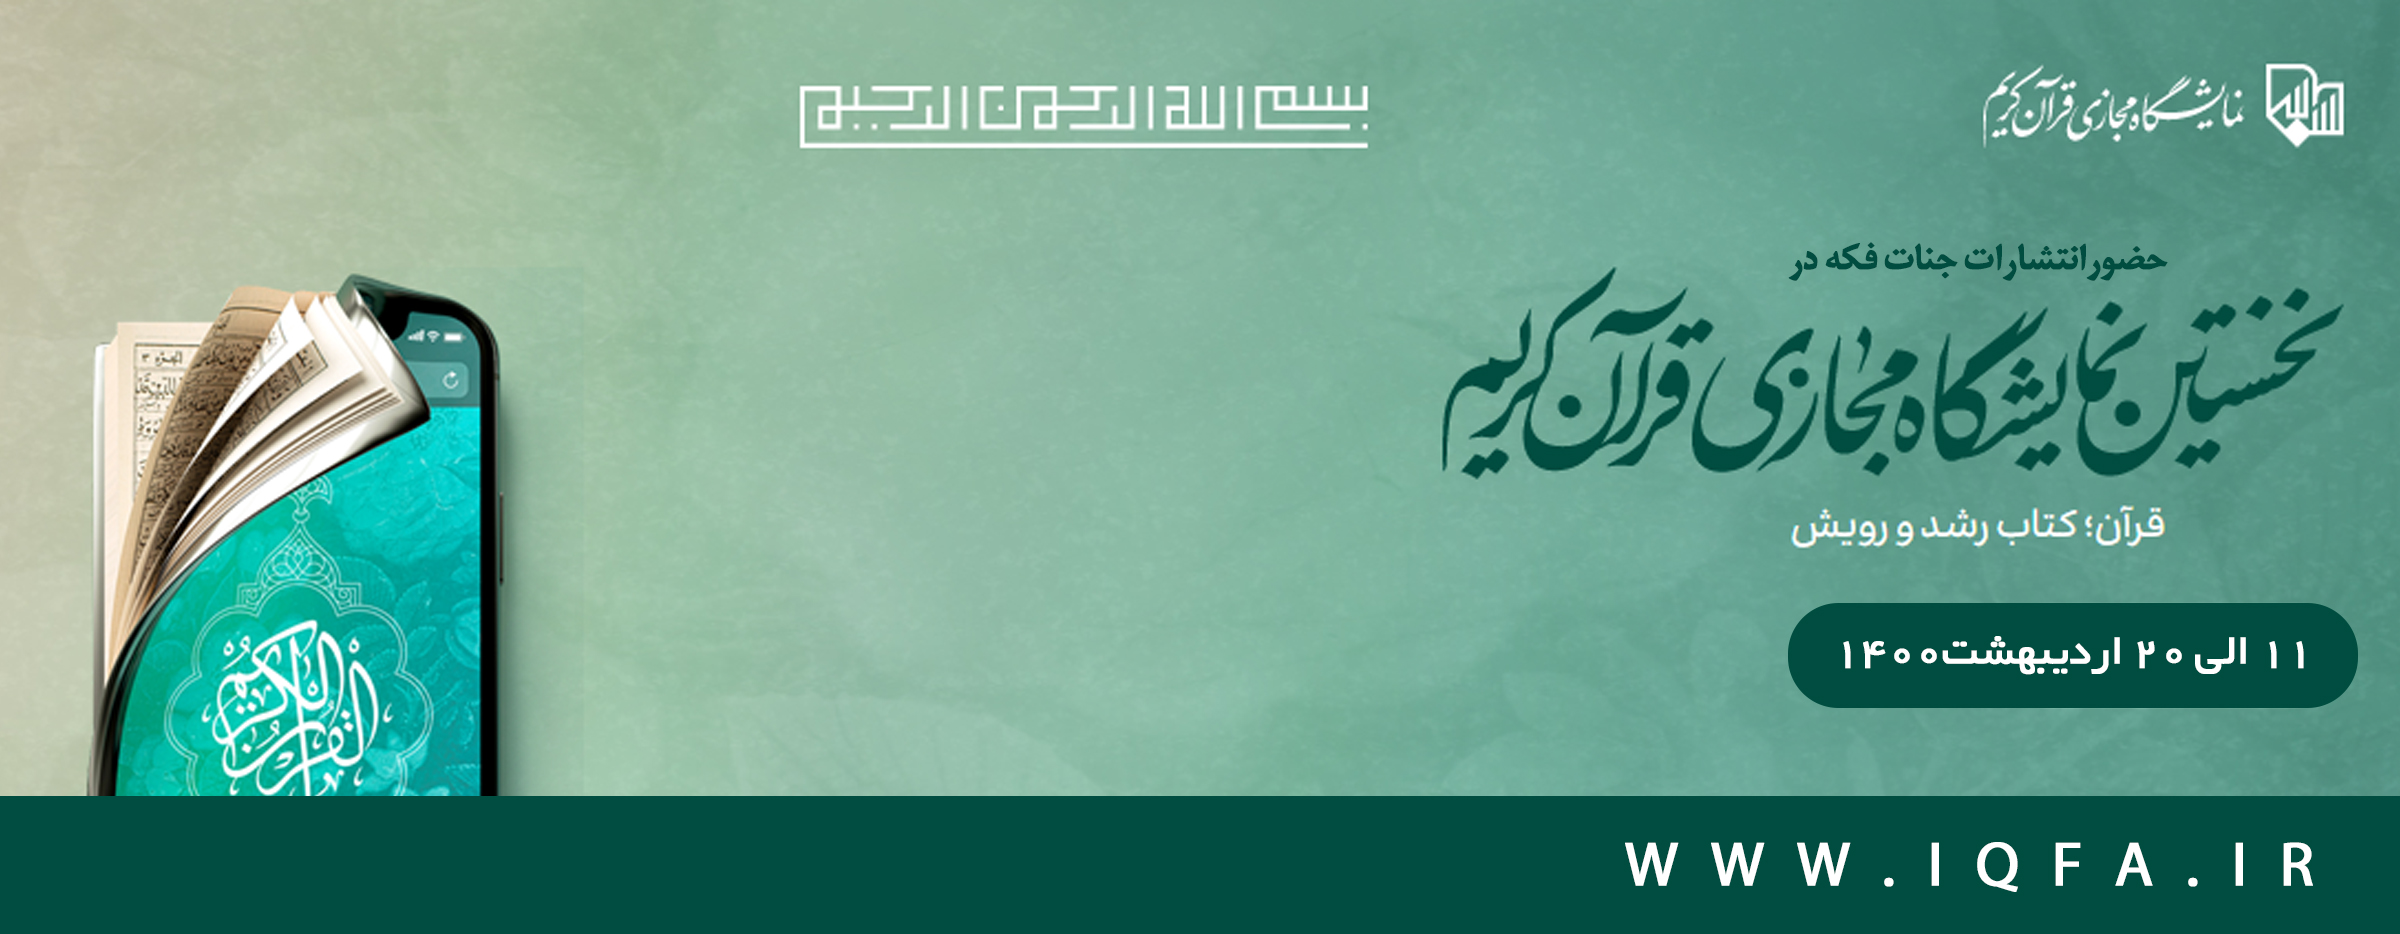 نمایشگاه مجازی قرآن کریم